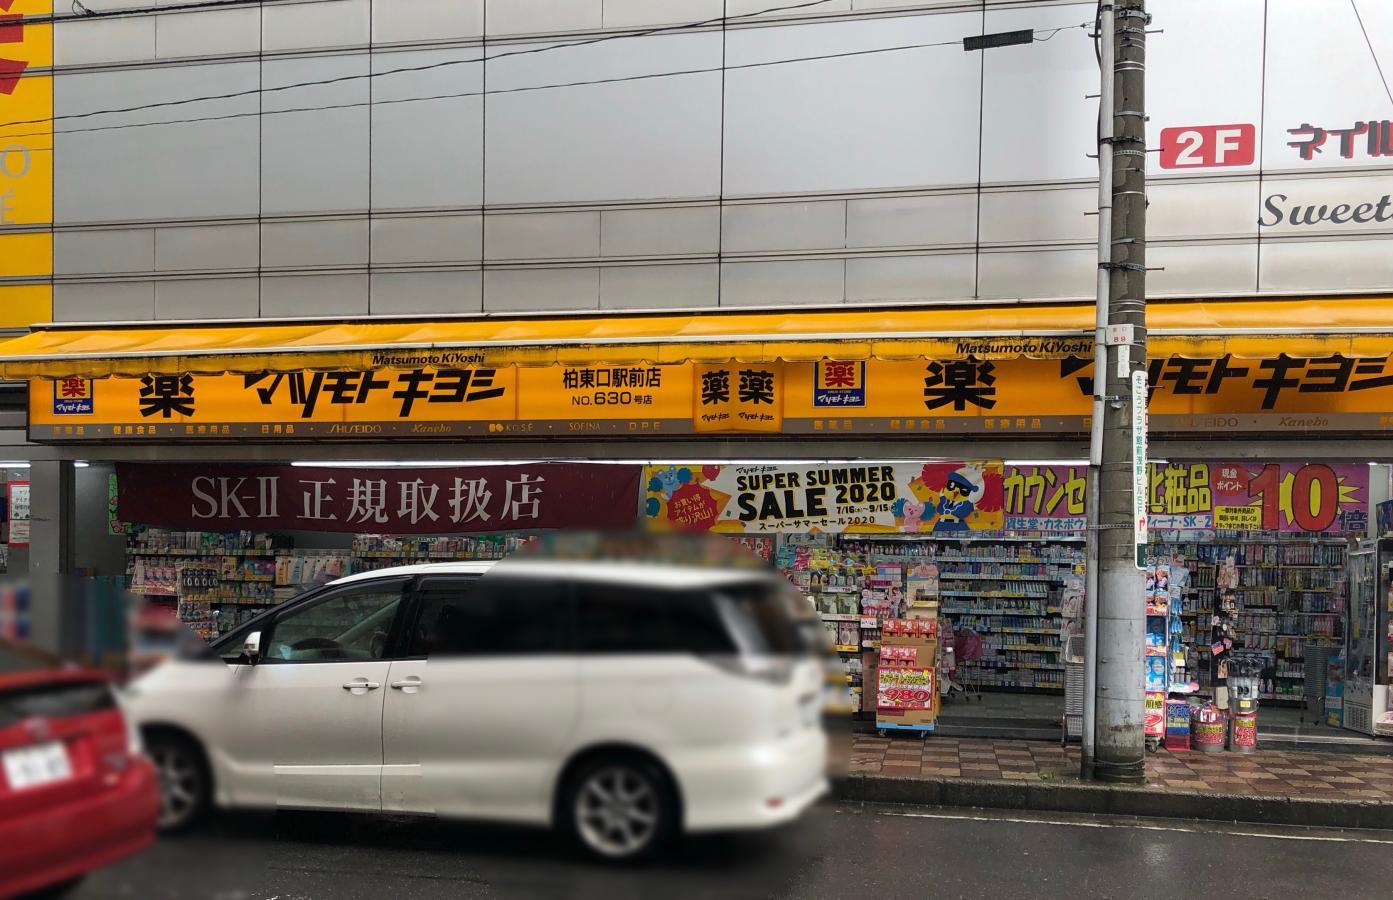 マツモトキヨシ 柏東口駅前店の看板